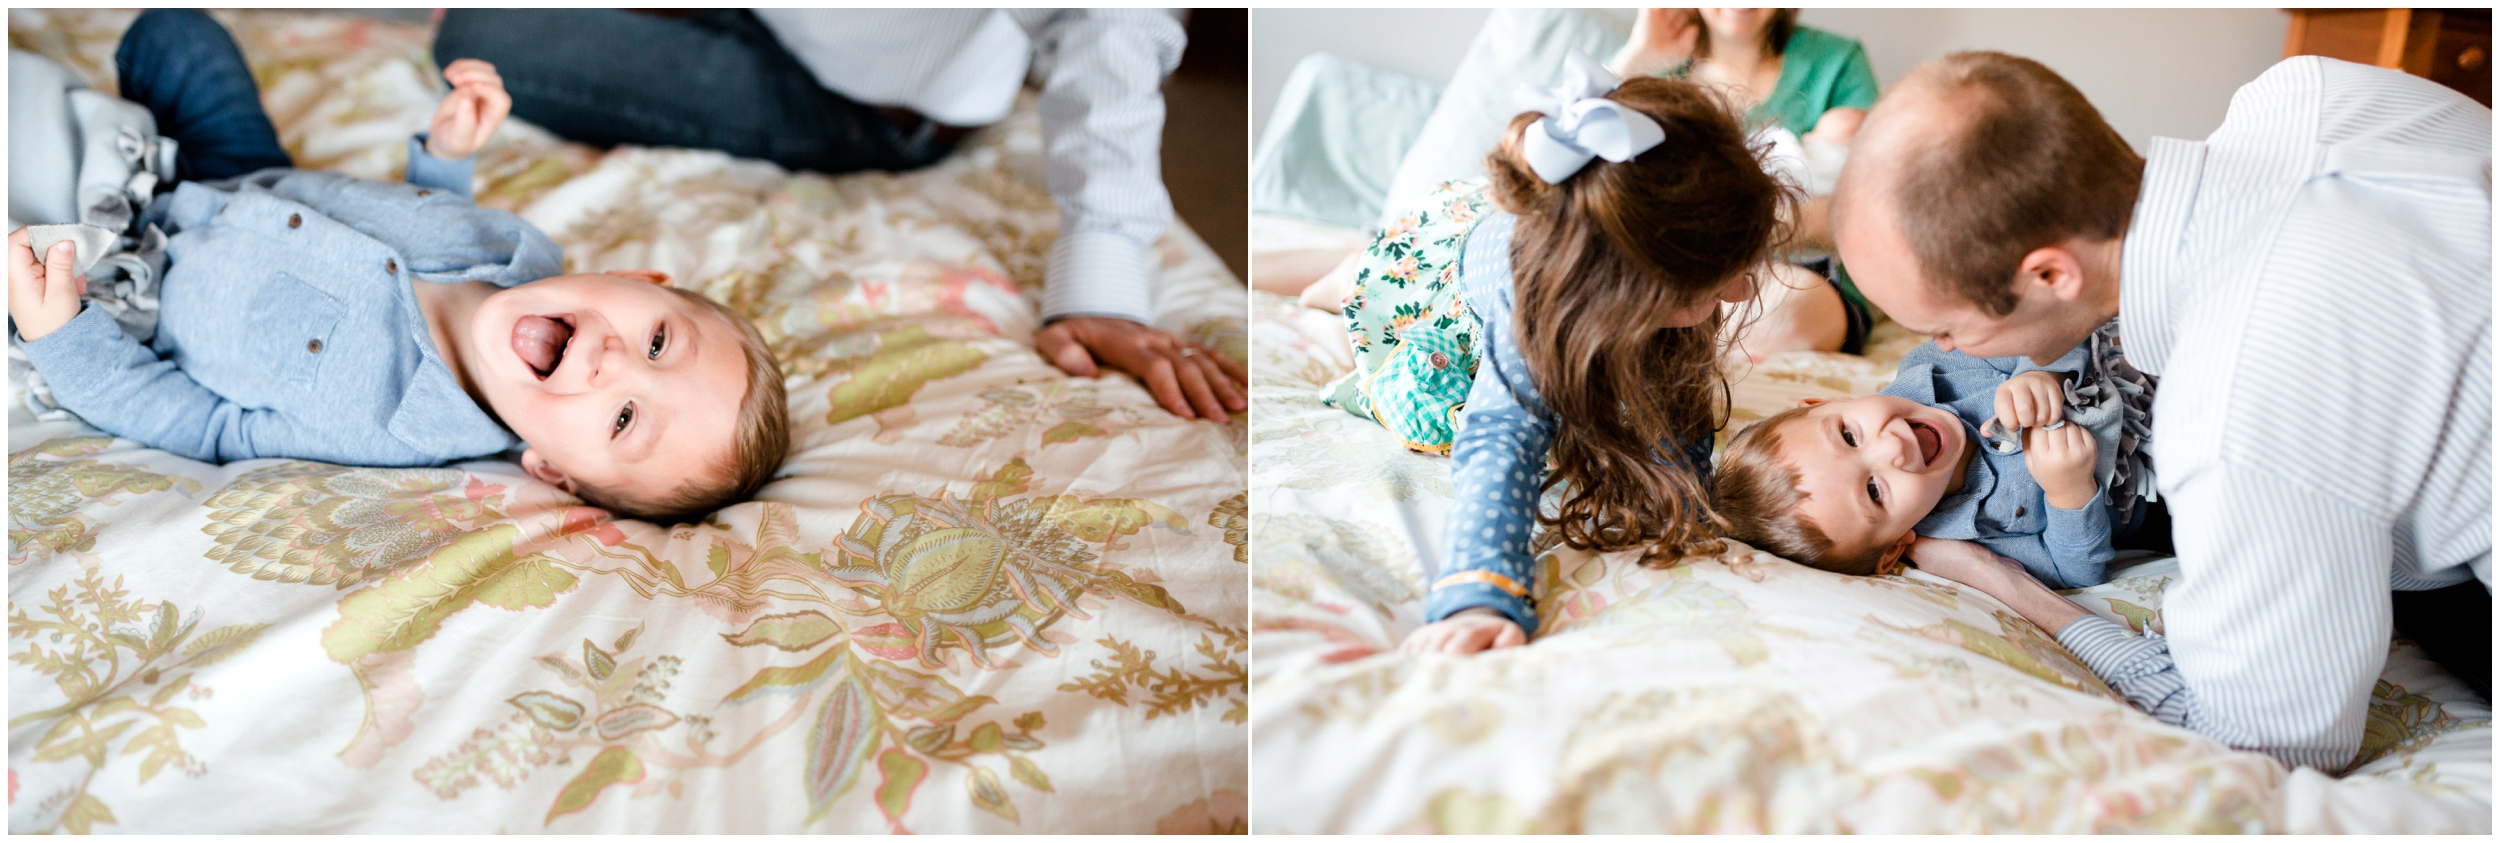 lexington-ky-family-lifestyle-photography-Priscilla-Baierlein-Photography_0225.jpg